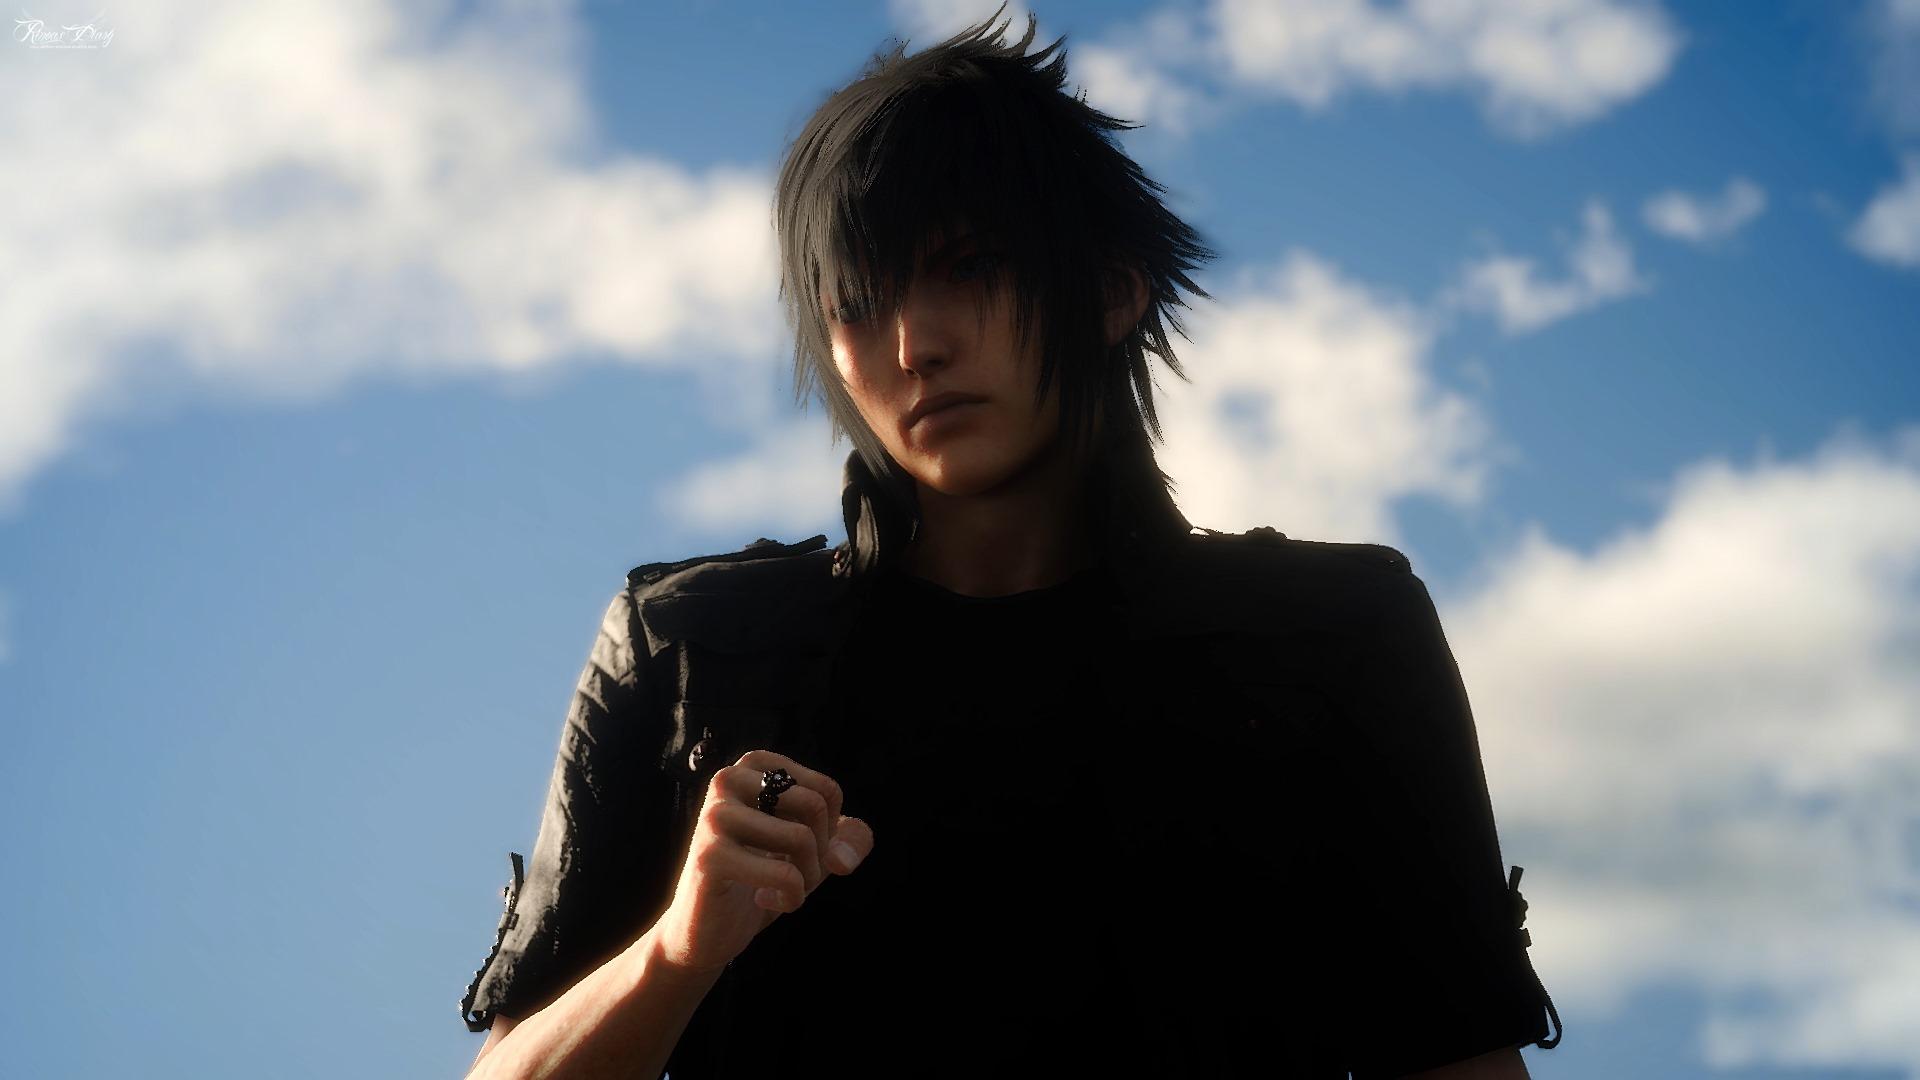 Tabata ha sviluppato Final Fantasy XV come se fosse l'ultimo capitolo della saga